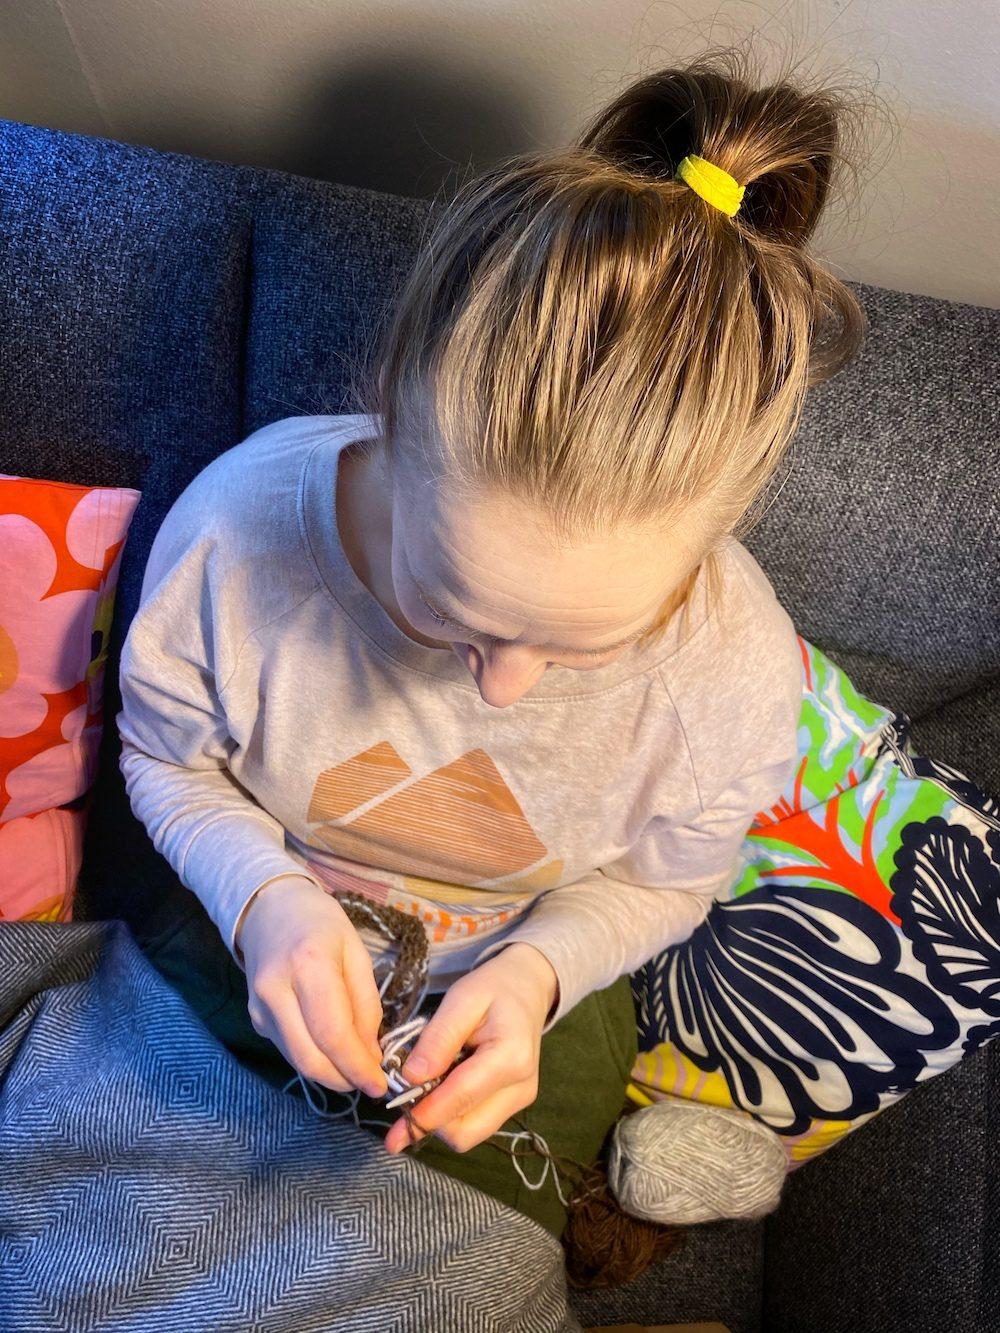 ensimmainen islantilainen villapaita hnetur